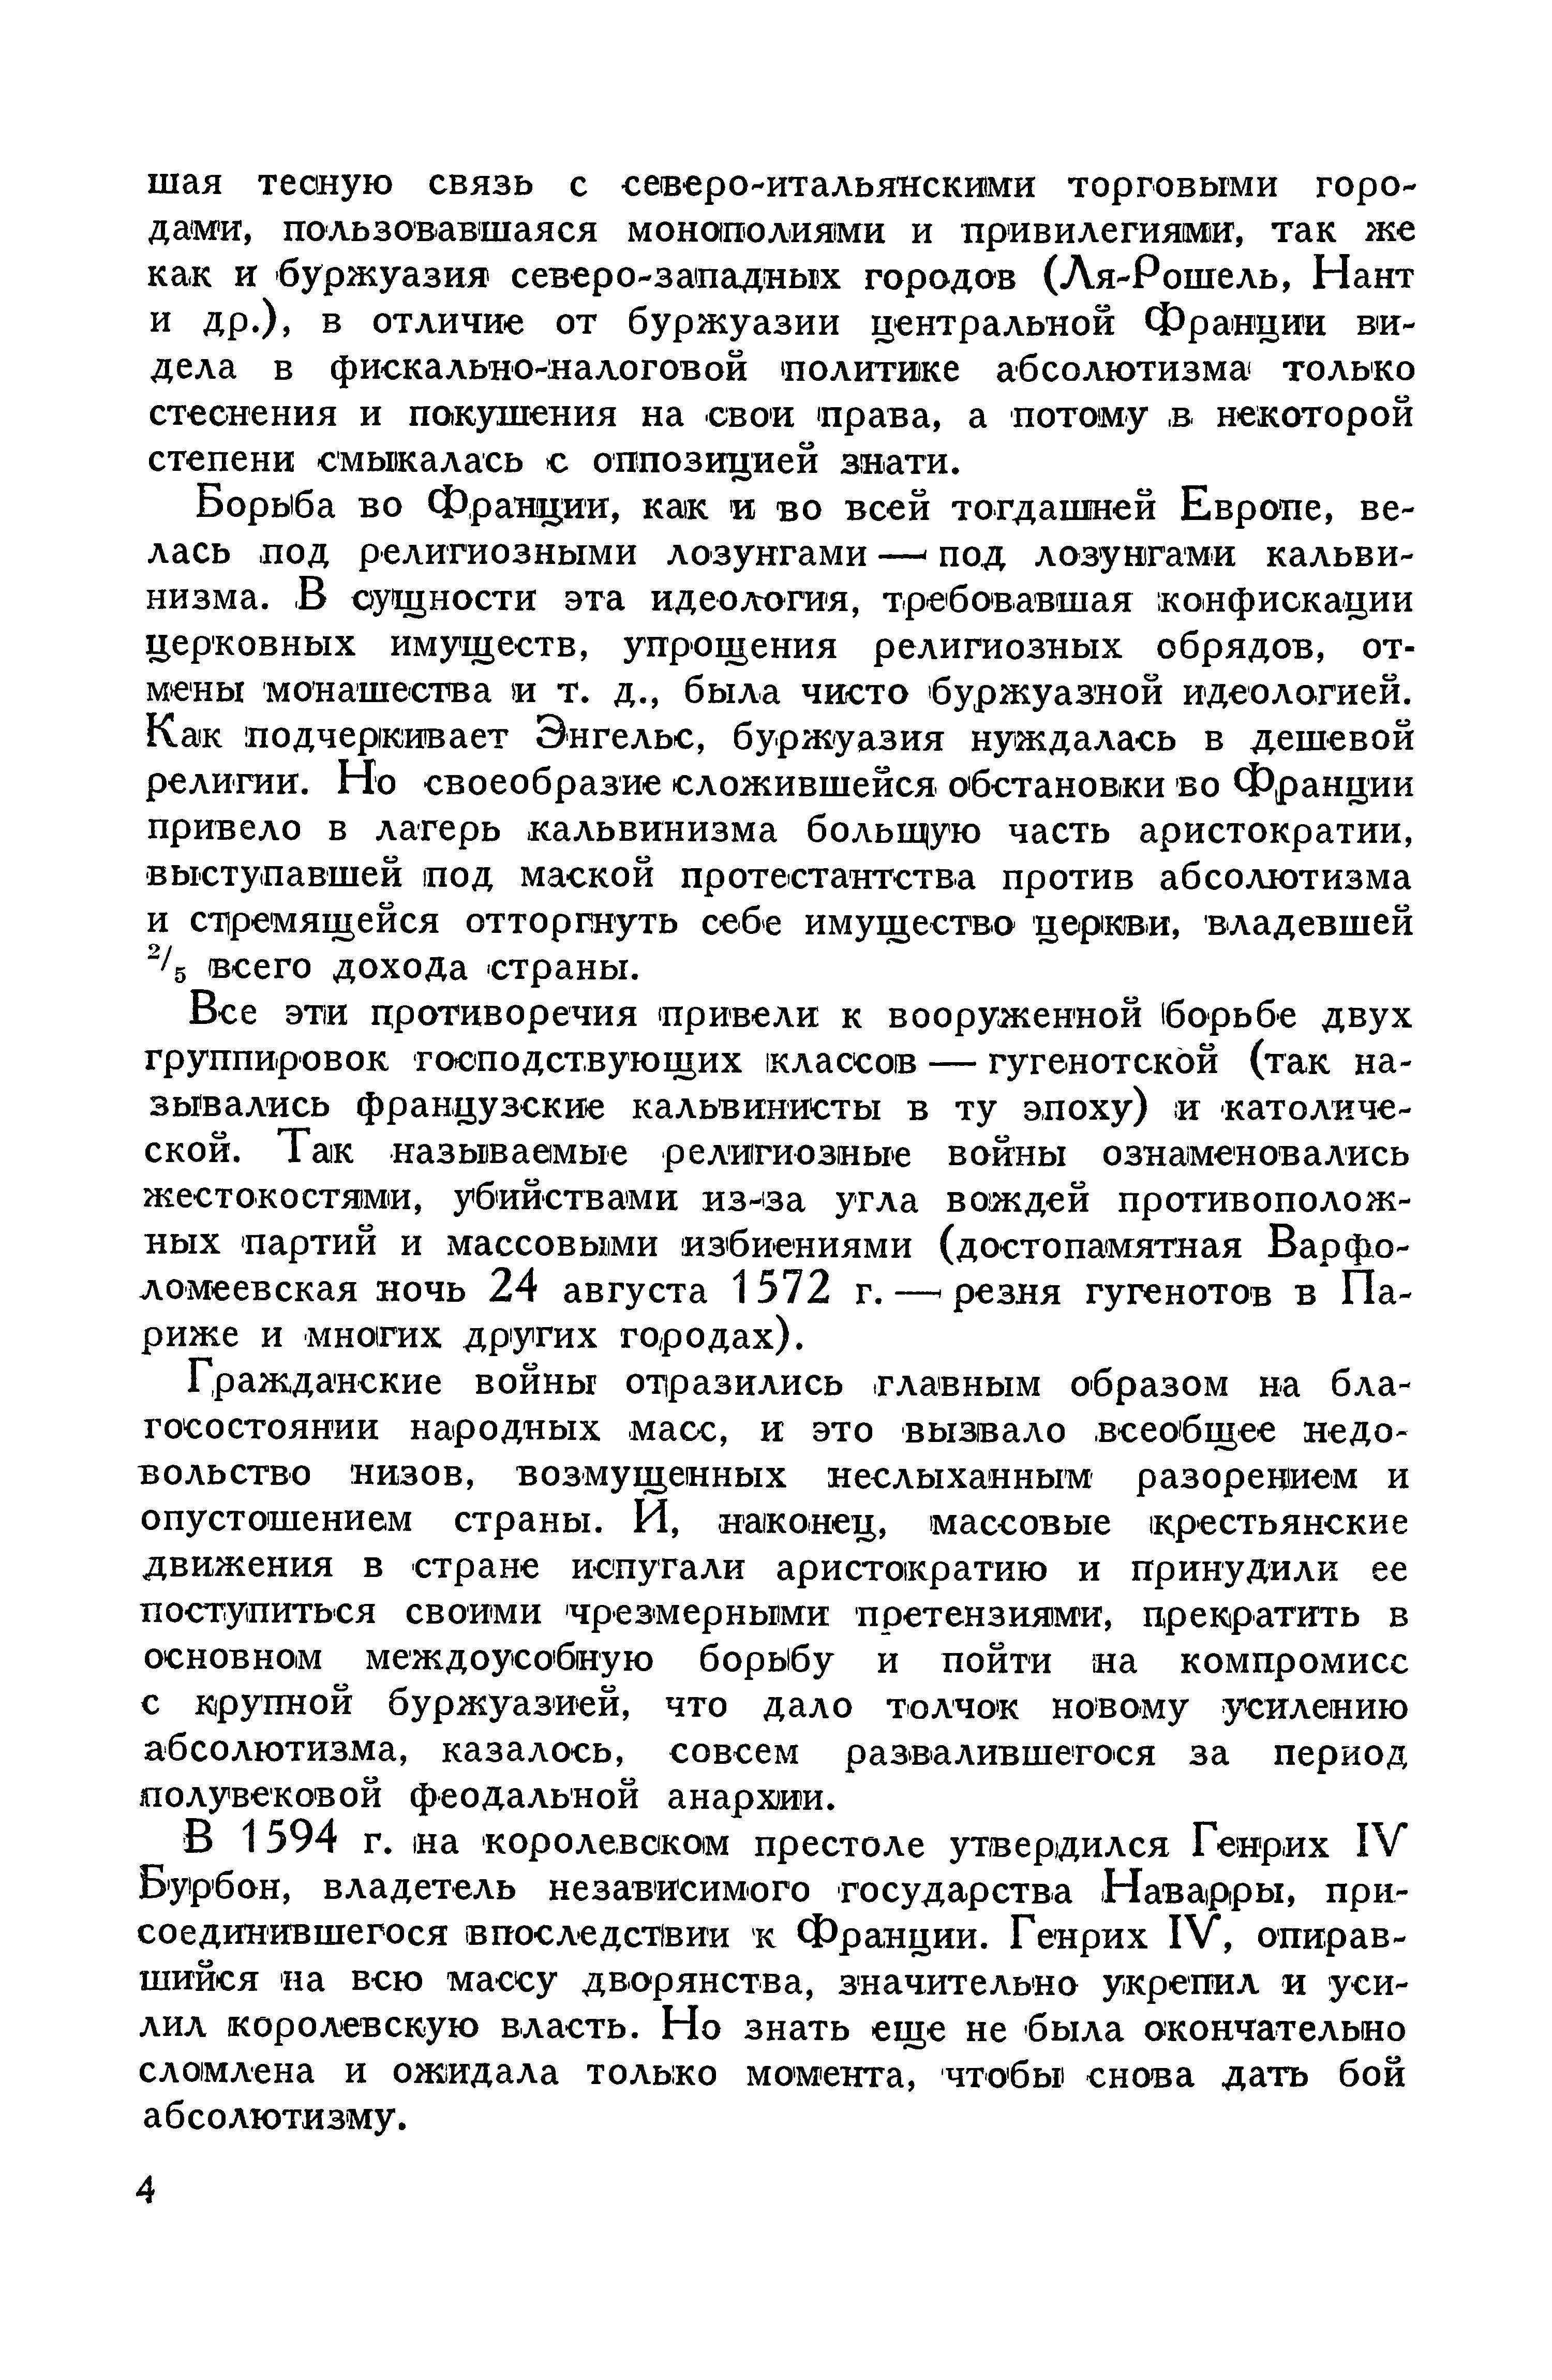 Тюренн - А.Рутченко, М.Тубянский 1.jpg